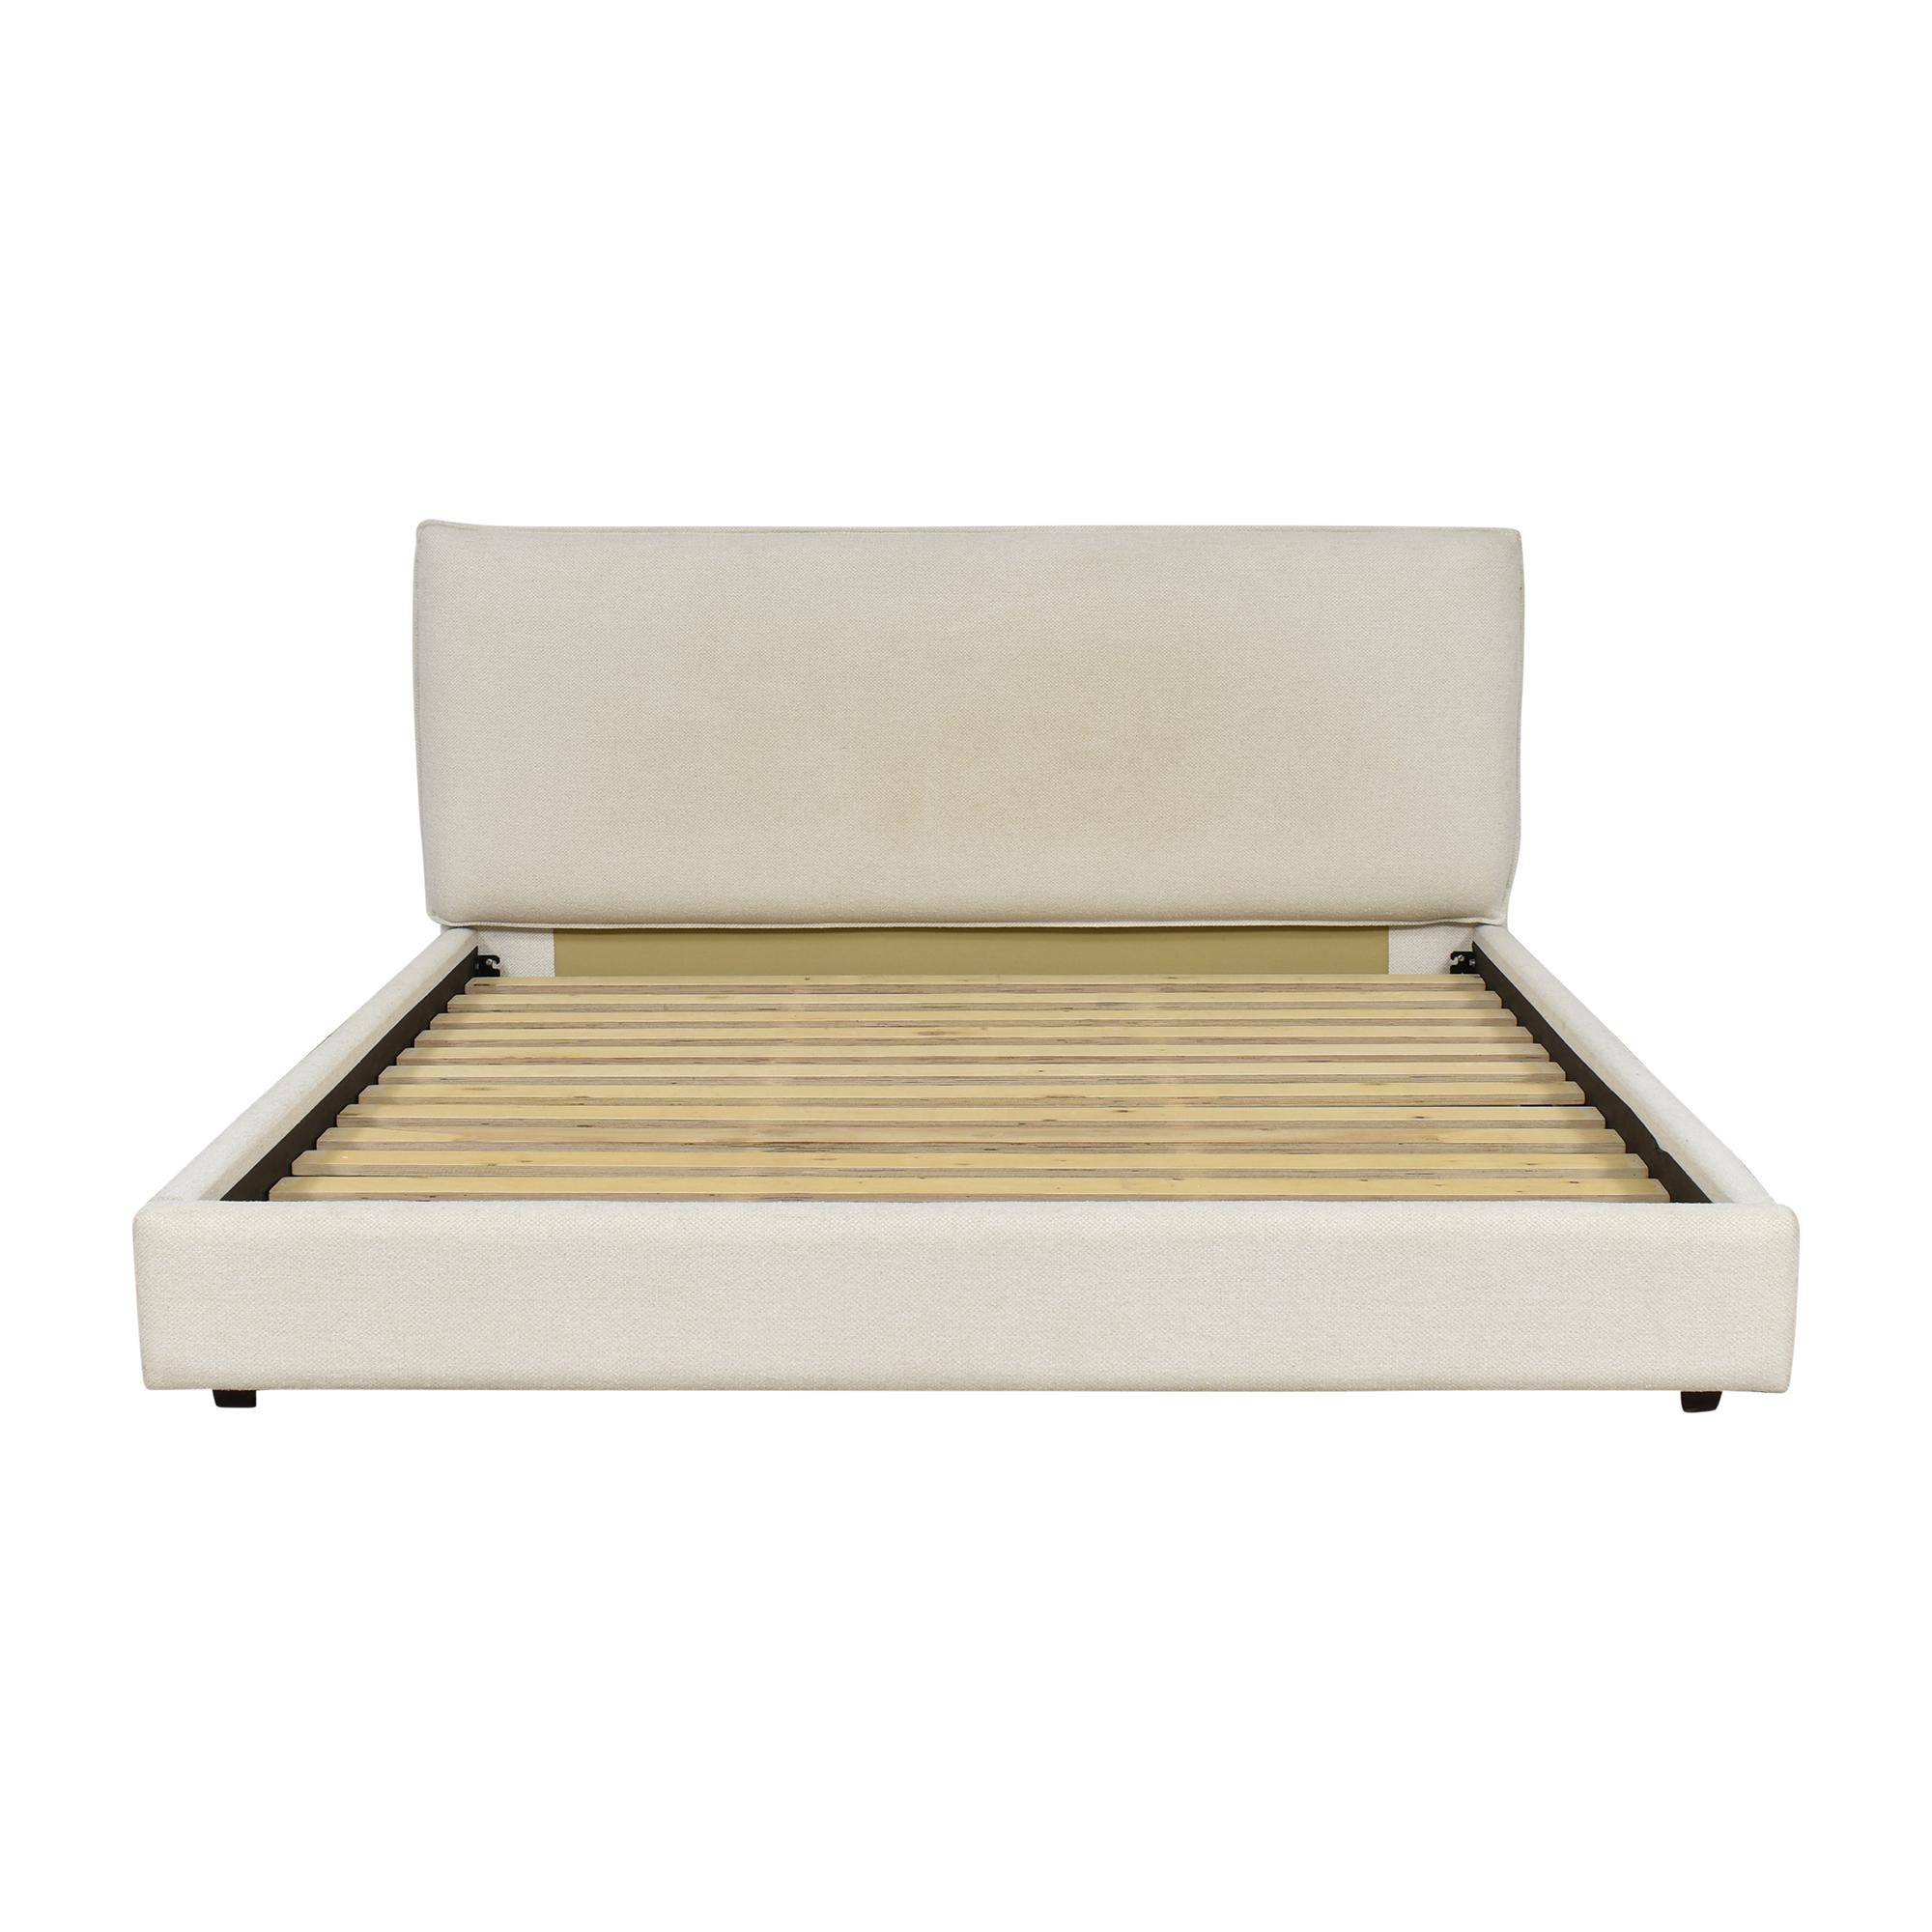 shop Crate & Barrel Crate & Barrel Lotus California King Bed online